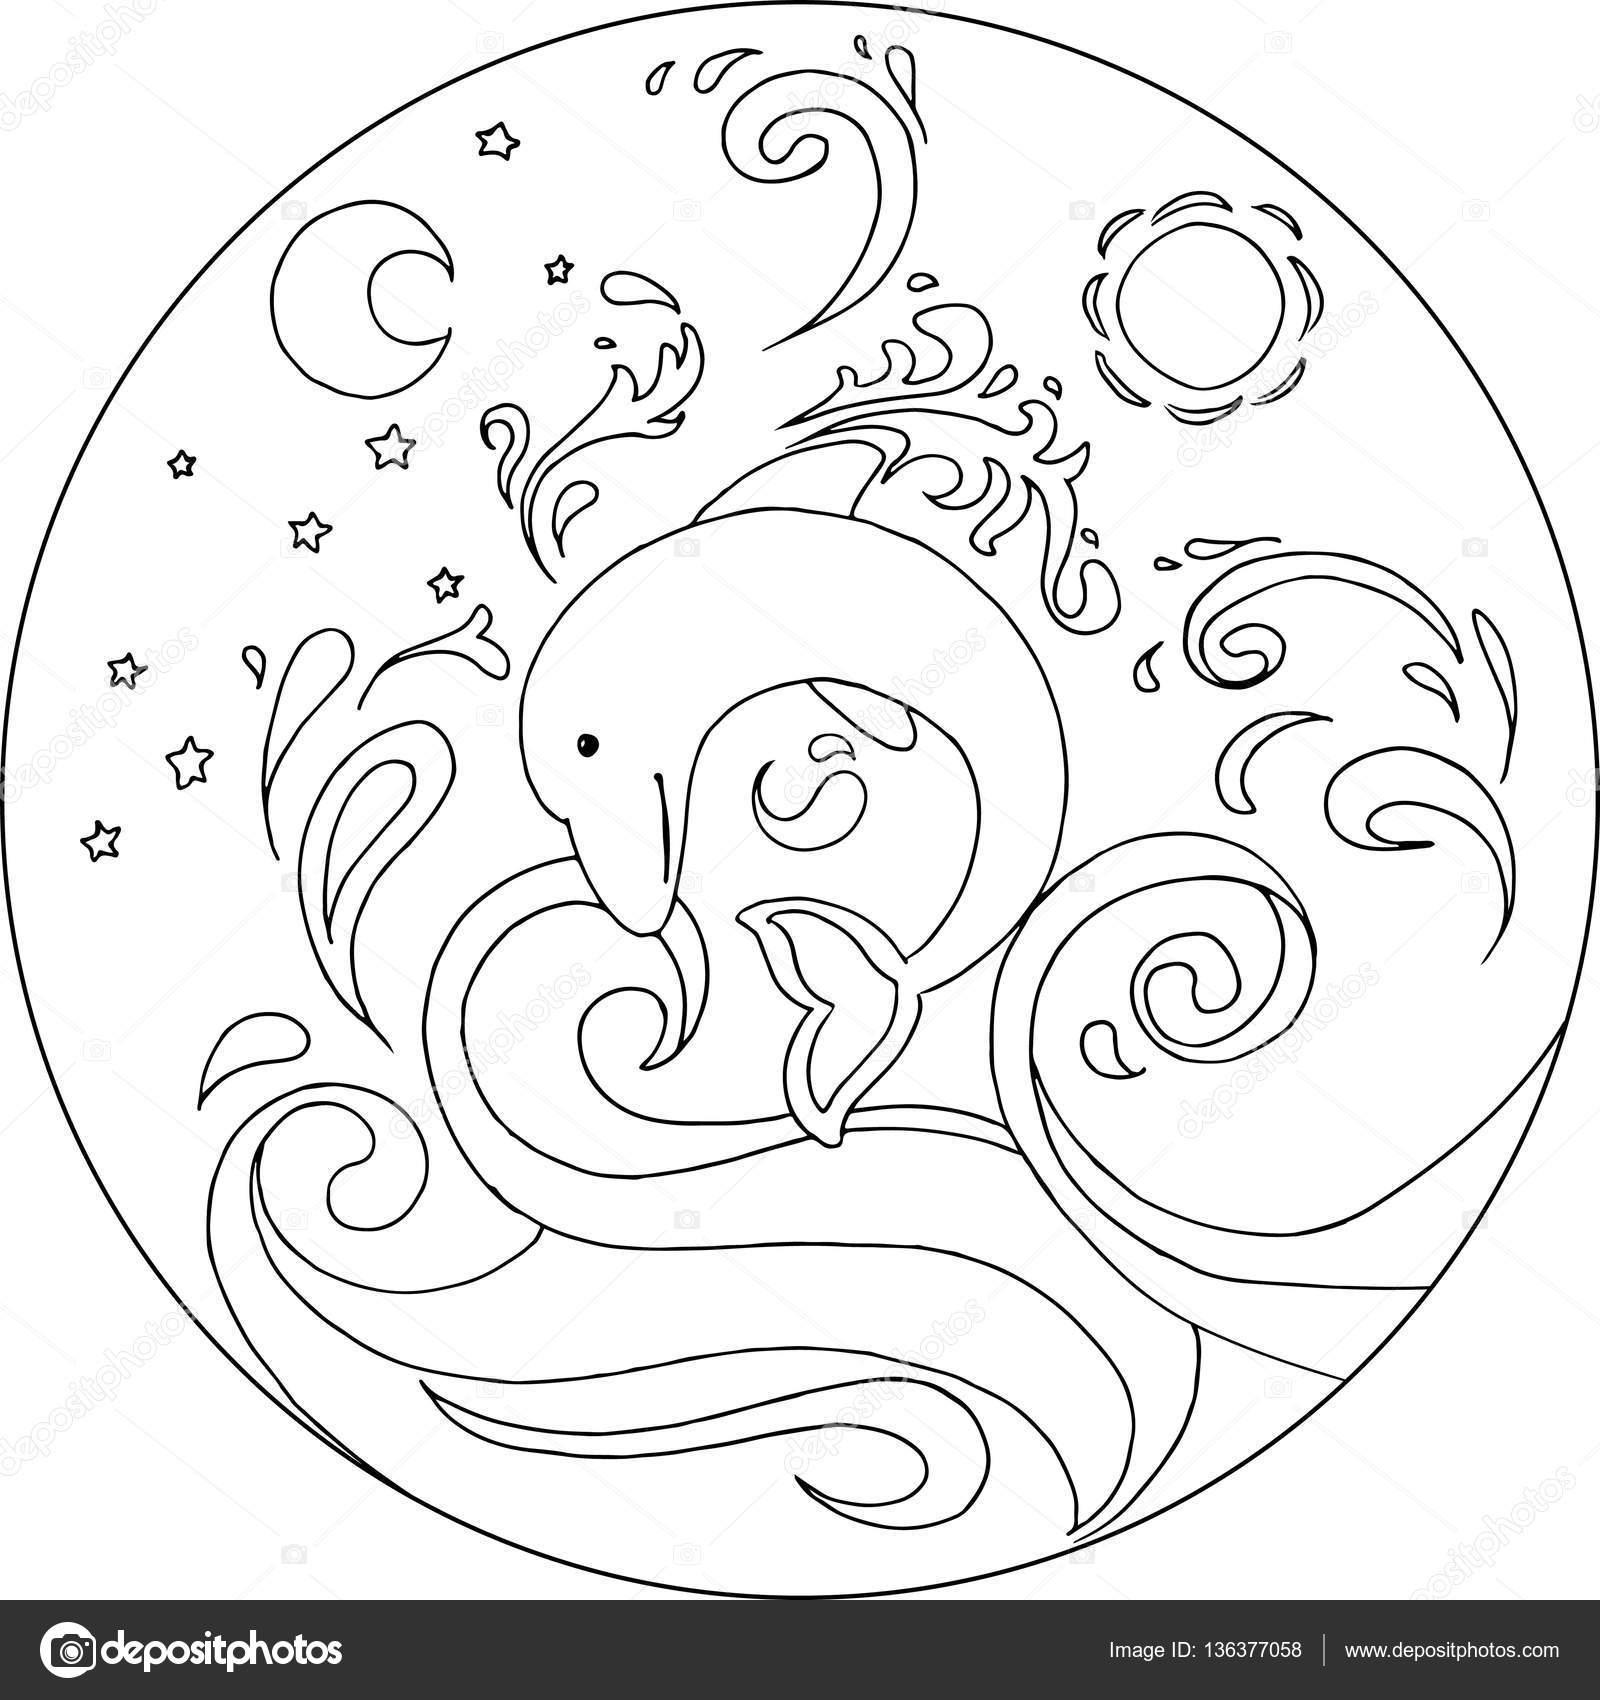 Vecteur de coloriage Mandala Dauphin — Image vectorielle